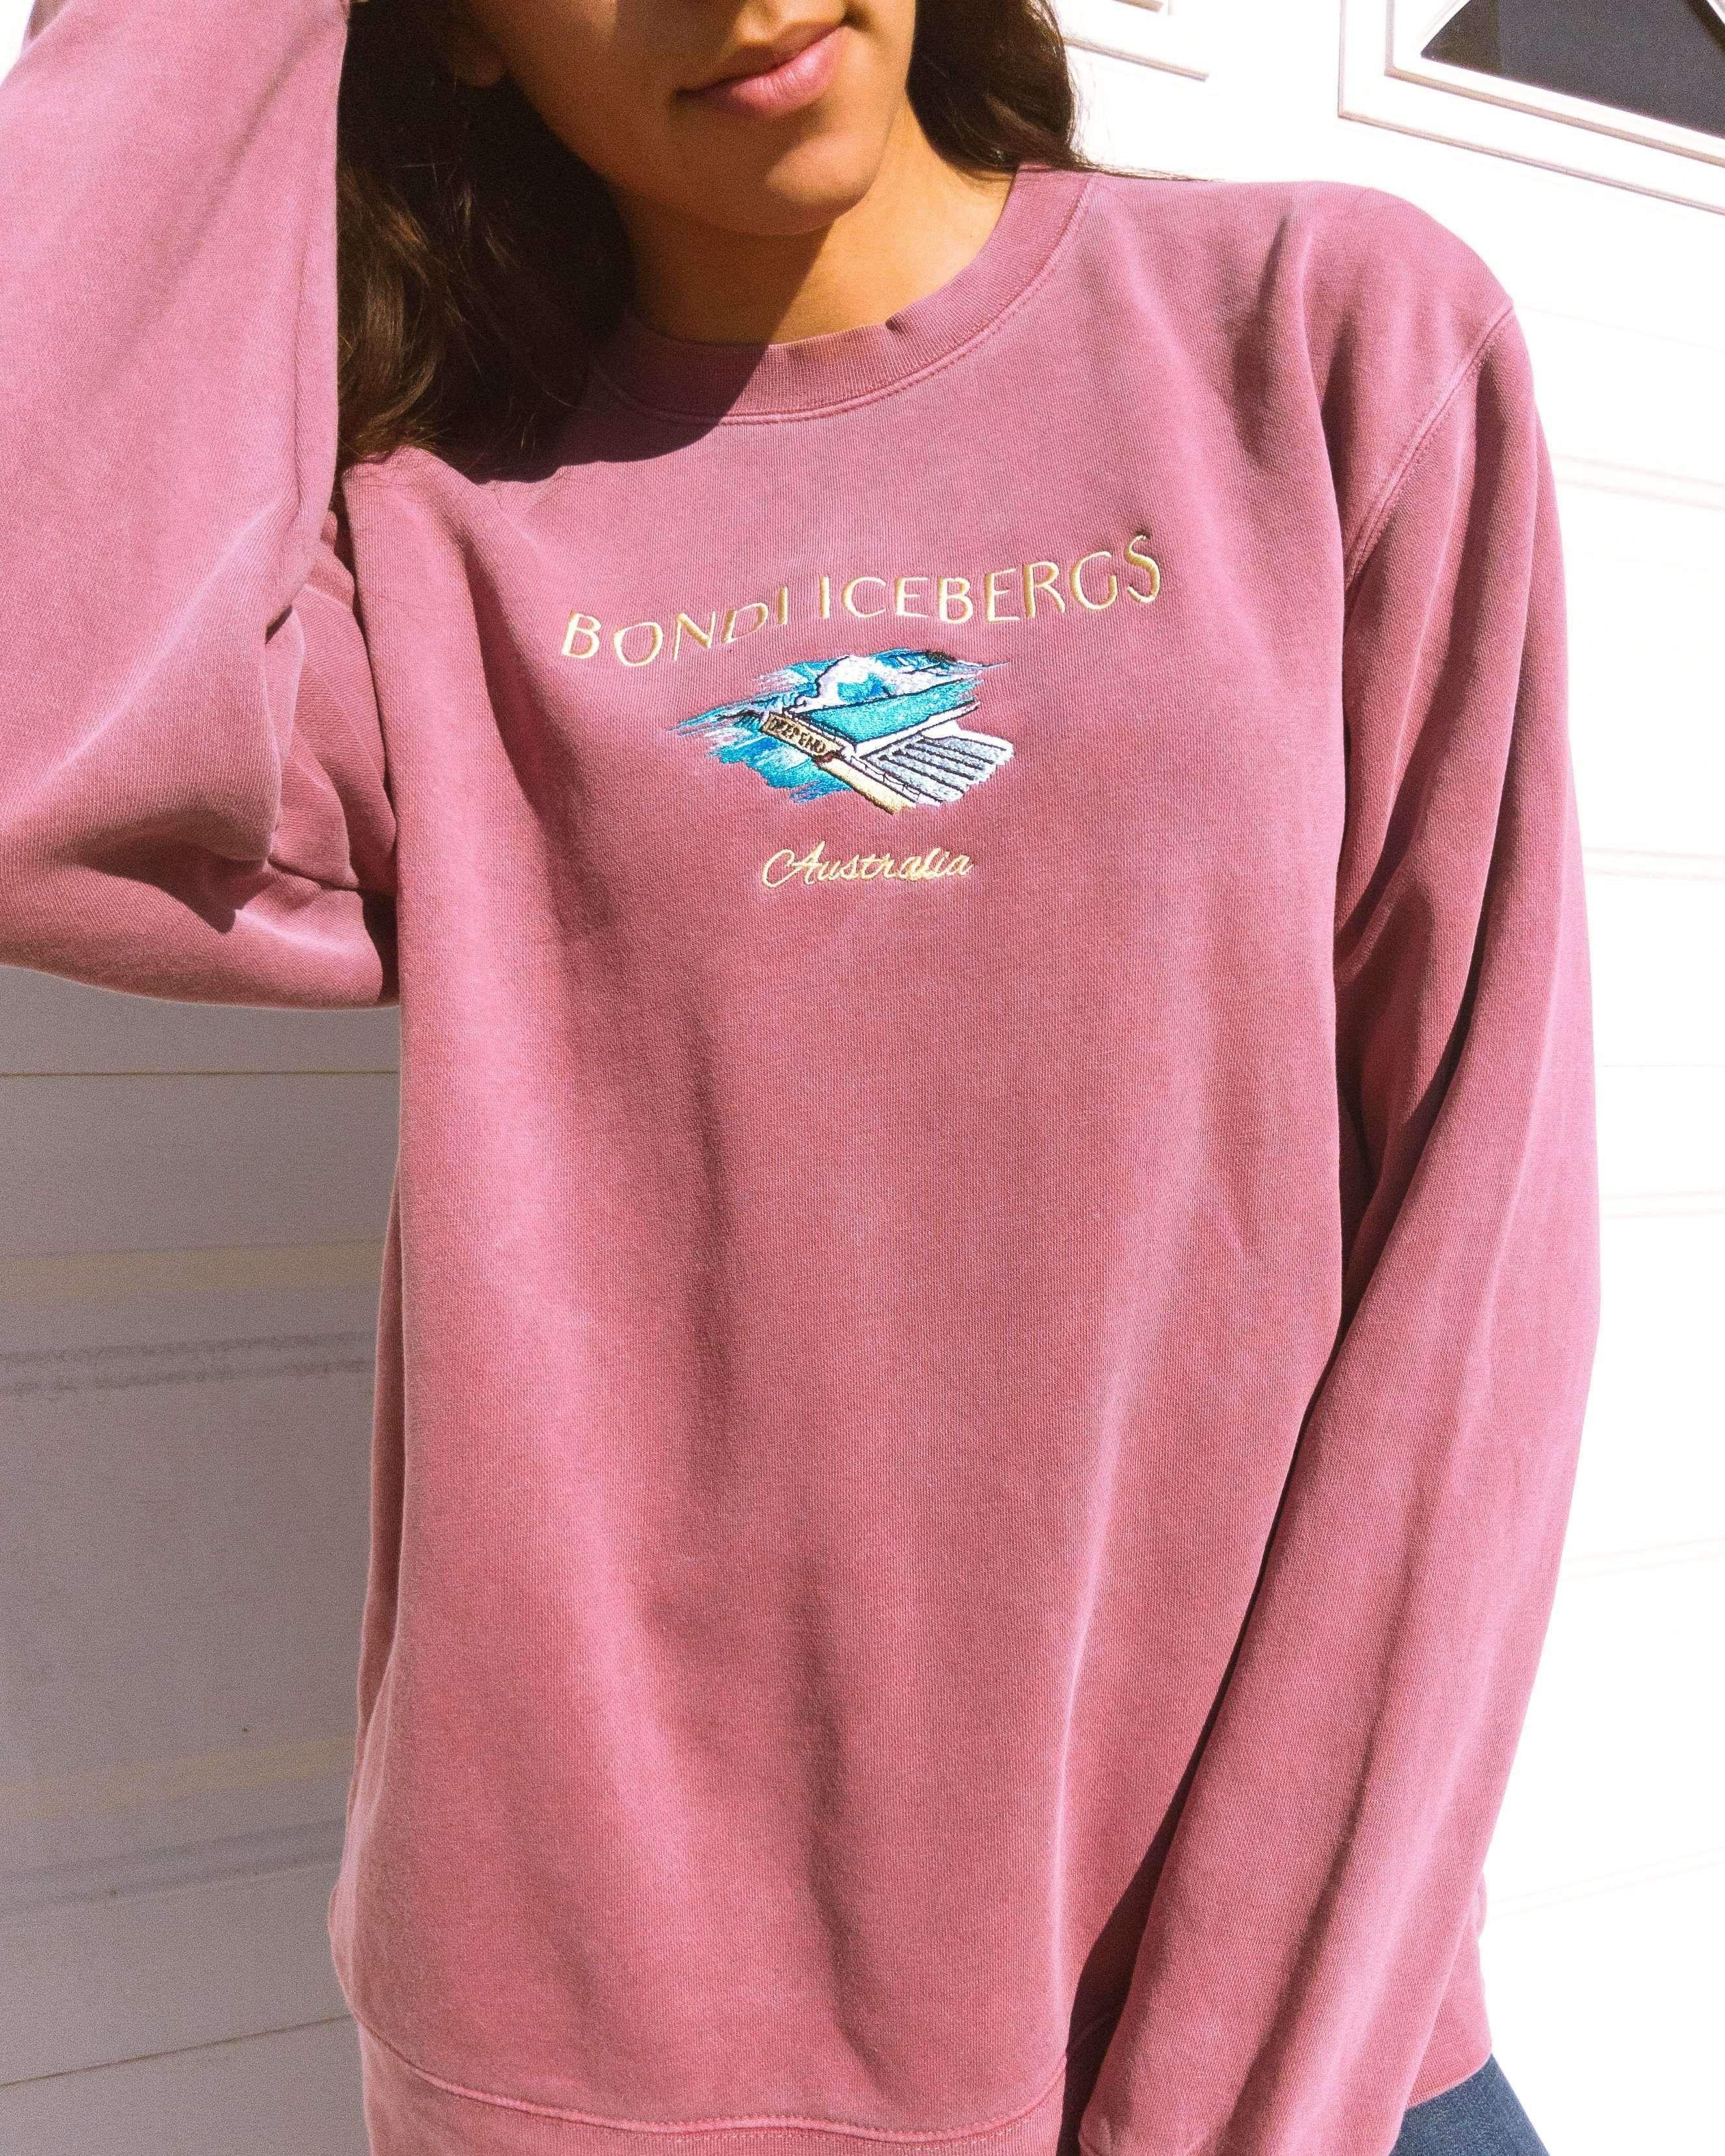 Belmont Shore Olympic Pool Crew Neck Sweatshirt Deep End Crew Neck Sweatshirt Vintage Crewneck Sweatshirt Sweatshirts [ 3313 x 2650 Pixel ]